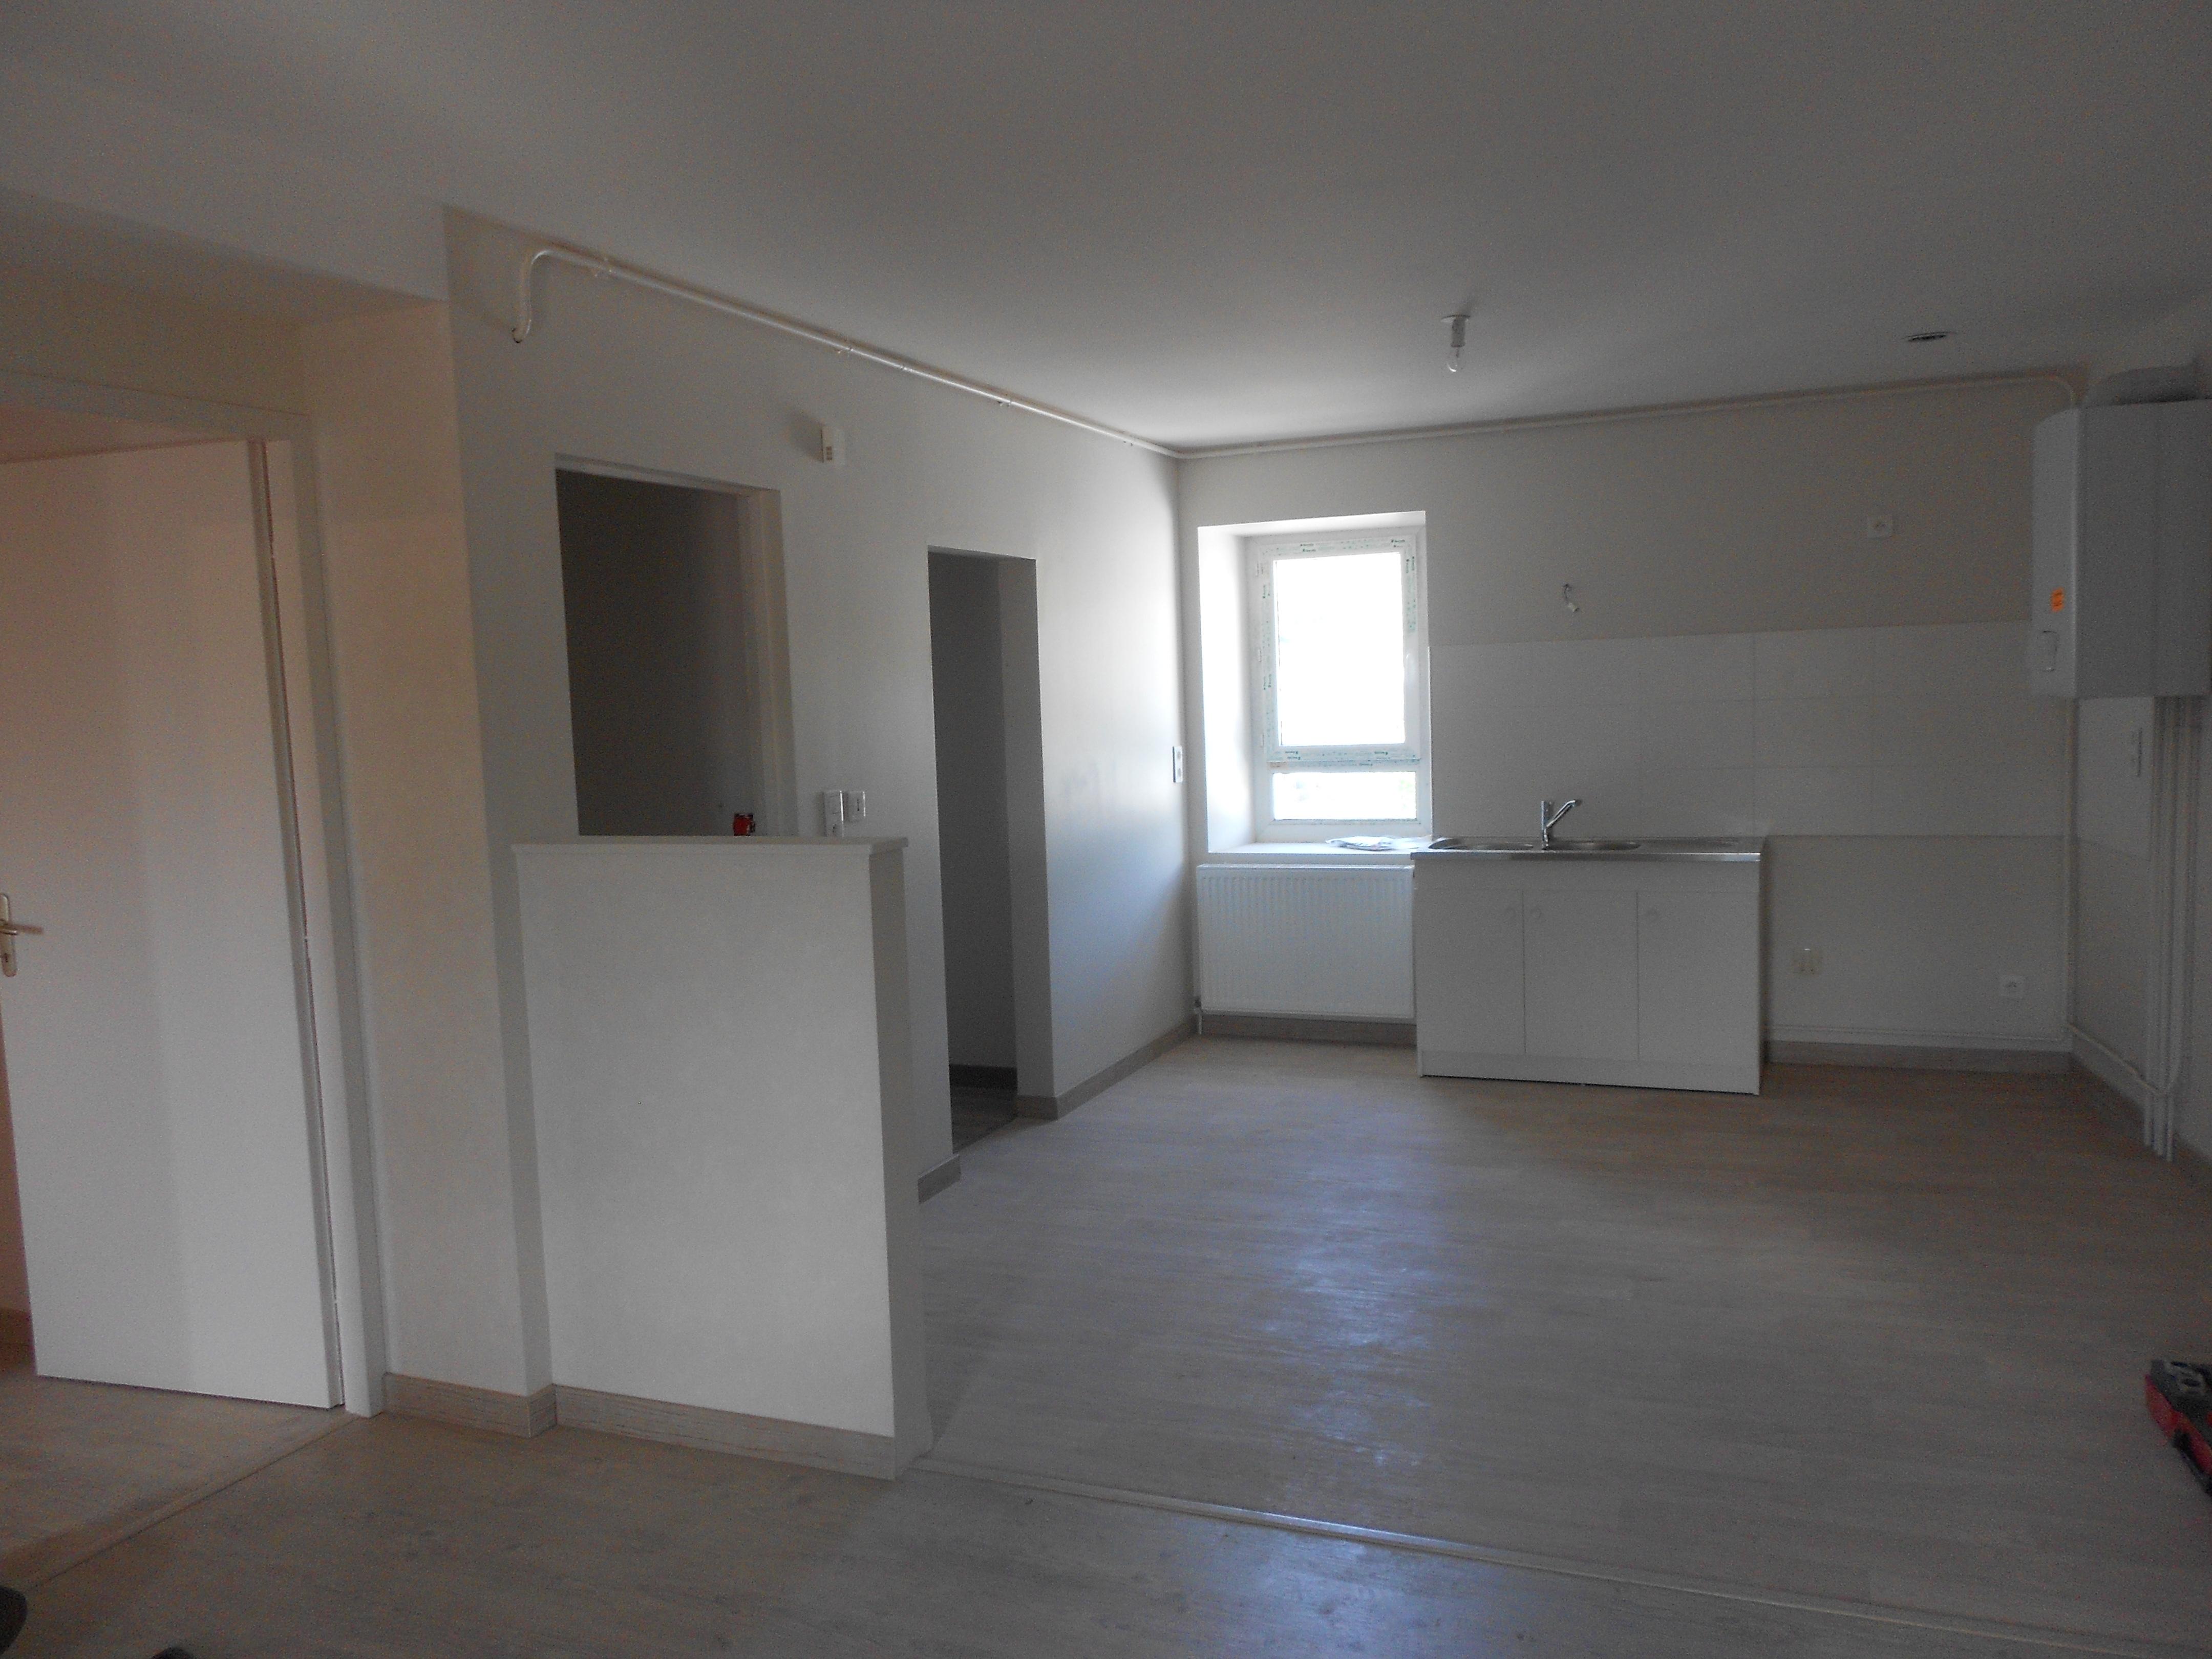 Appartement T3 capdenac centre